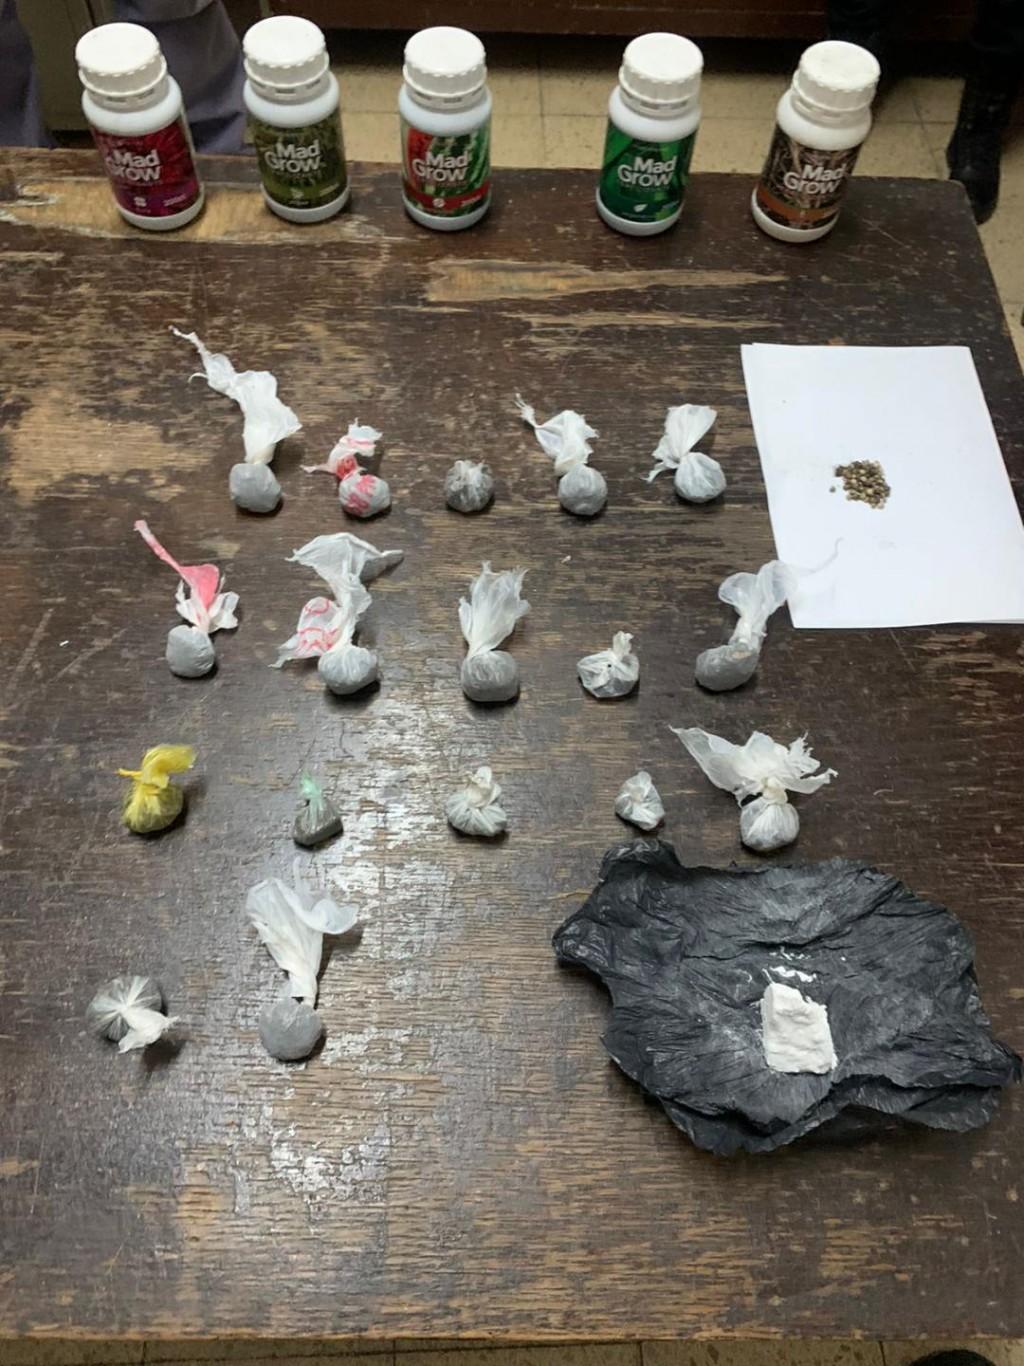 Esclarecen un caso de abigeato y encuentran drogas en el allanamiento